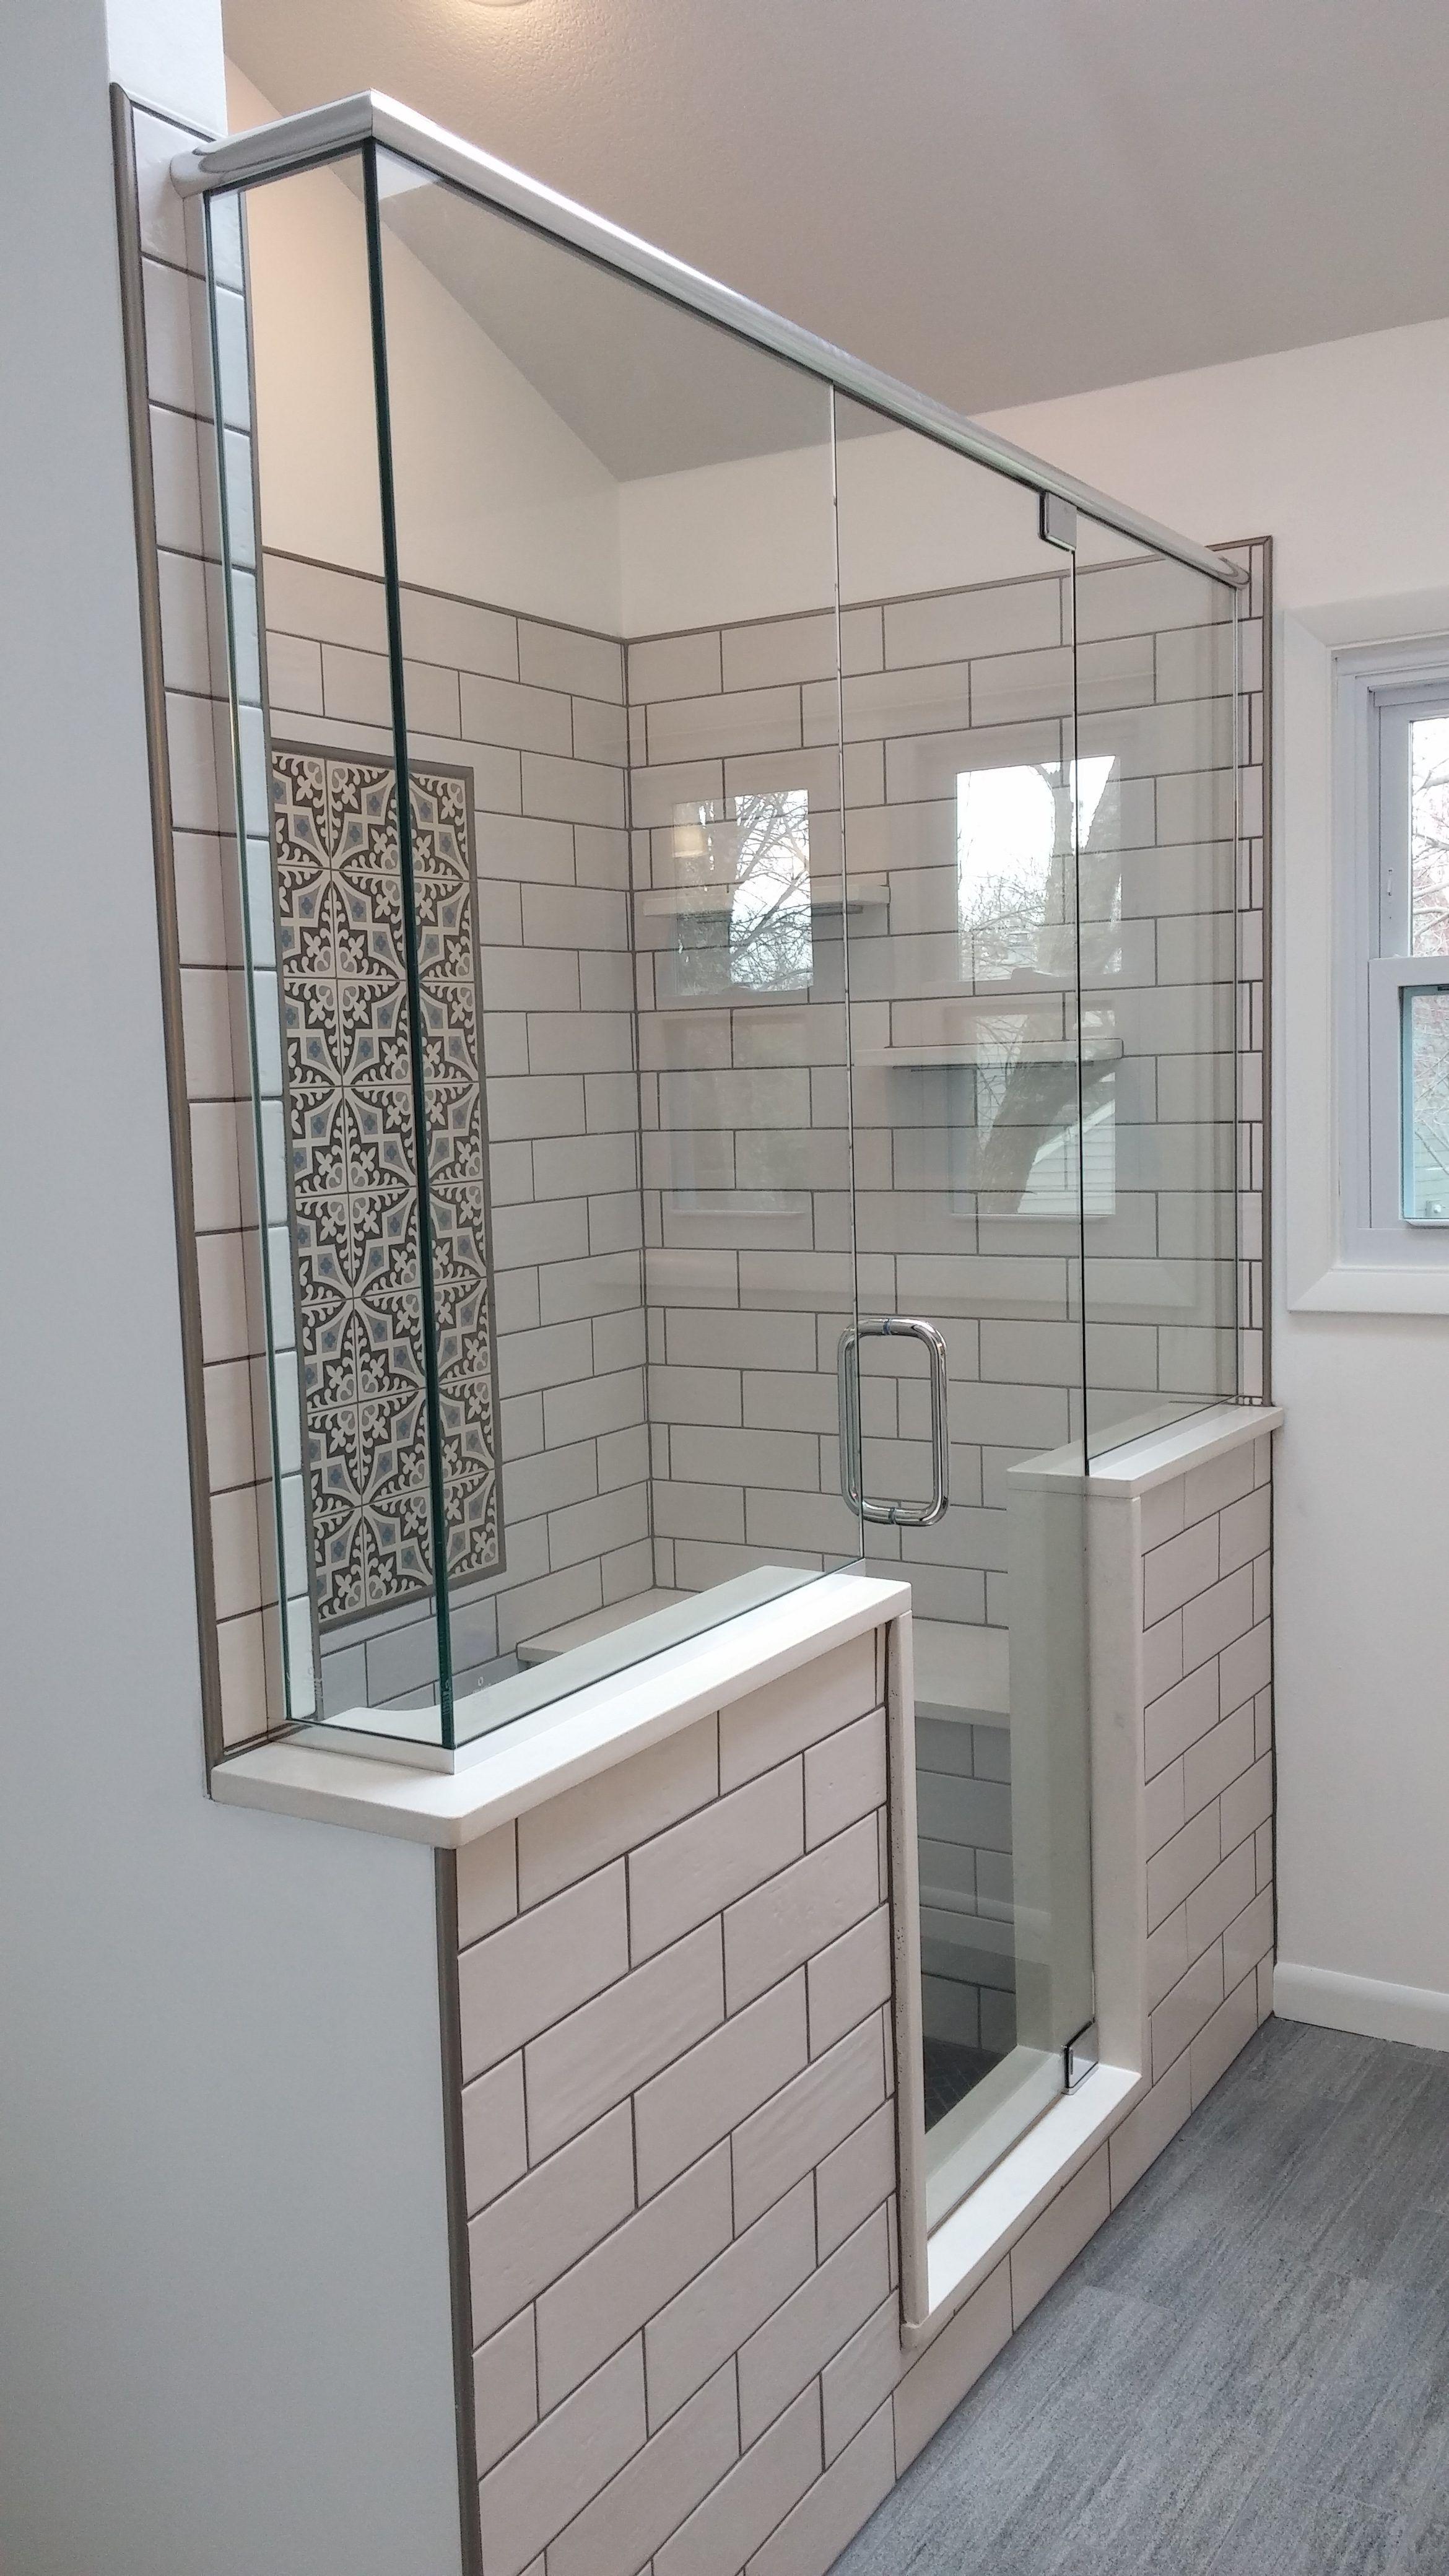 Walk In Shower Bathroom Remodel Des Moines Sassman Glass And - Bathroom remodel des moines